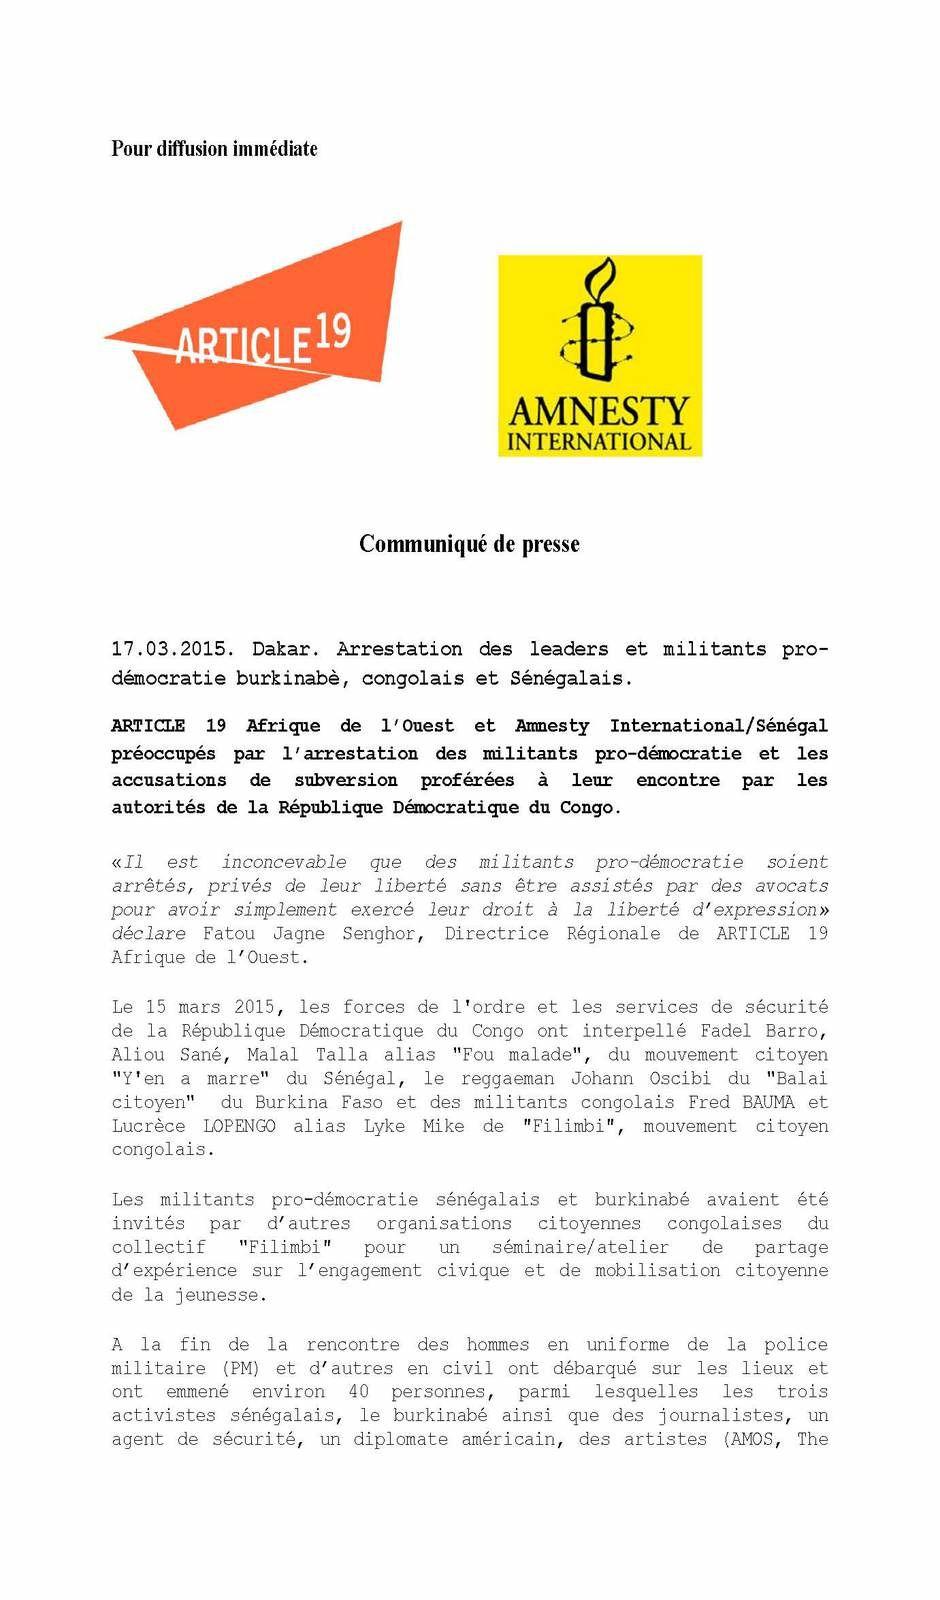 RDC: détention illégale des militants pro-démocratie, Article 19 et Amnesty/Sénégal réclament leur libération à Dakar